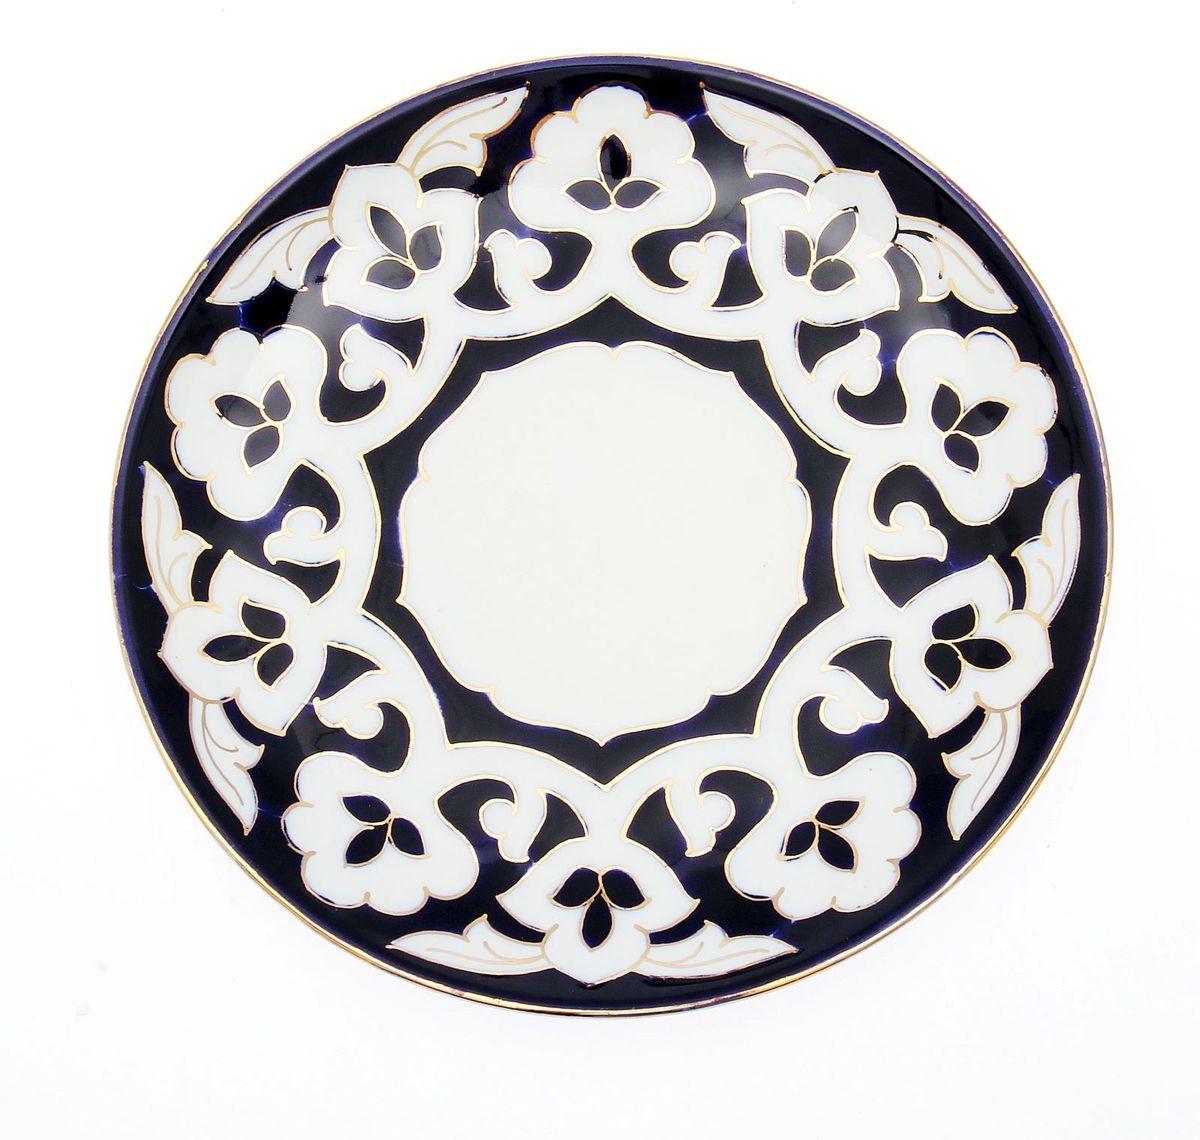 Тарелка Turon Porcelain Пахта, цвет: белый, синий, золотистый, диаметр 22,5 см1625358Узбекская посуда известна всему миру уже более тысячи лет. Ей любовались царские особы, на ней подавали еду для шейхов и знатных персон. Формулы красок и глазури передаются из поколения в поколение. По сей день качественные расписные изделия продолжают восхищать совершенством и завораживающей красотой. Тарелка Turon Porcelain Пахта подойдет для повседневной и праздничной сервировки. Дополните стол текстилем и салфетками в тон, чтобы получить элегантное убранство с яркими акцентами. Национальная узбекская роспись Пахта сдержанна и благородна. Витиеватые узоры выводятся тонкой кистью, а фон заливается кобальтом. Синий краситель при обжиге слегка растекается и придает контуру изображений голубой оттенок. Густая глазурь наносится толстым слоем, благодаря чему рисунок мерцает.